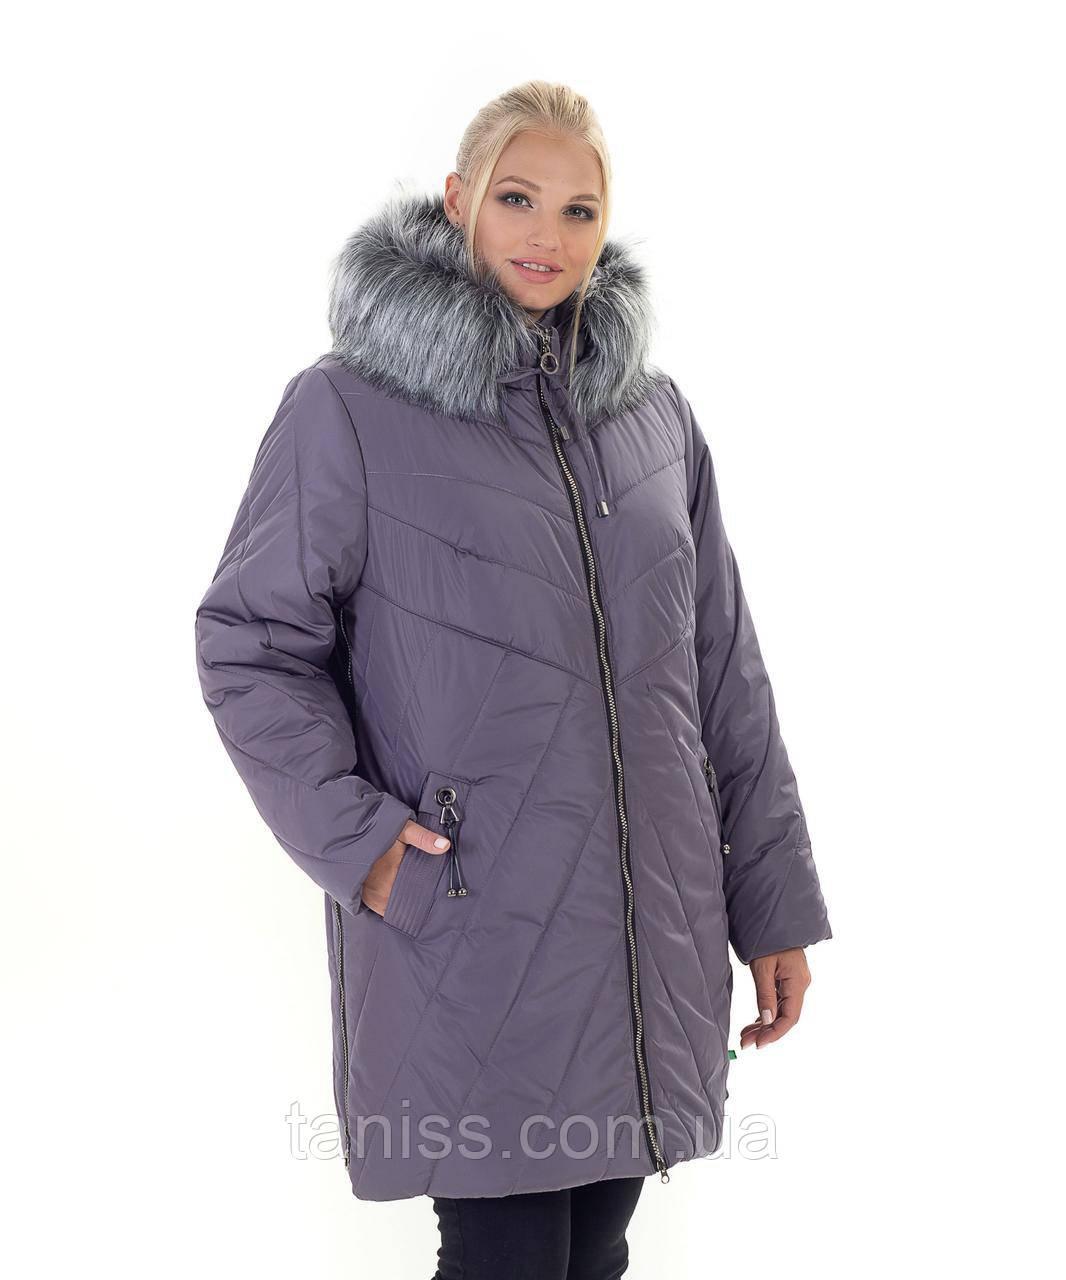 Зимняя женская куртка, большого размера, с искусственным мехом, размеры 56. 58. 60. 62. 66. 68  лиловый